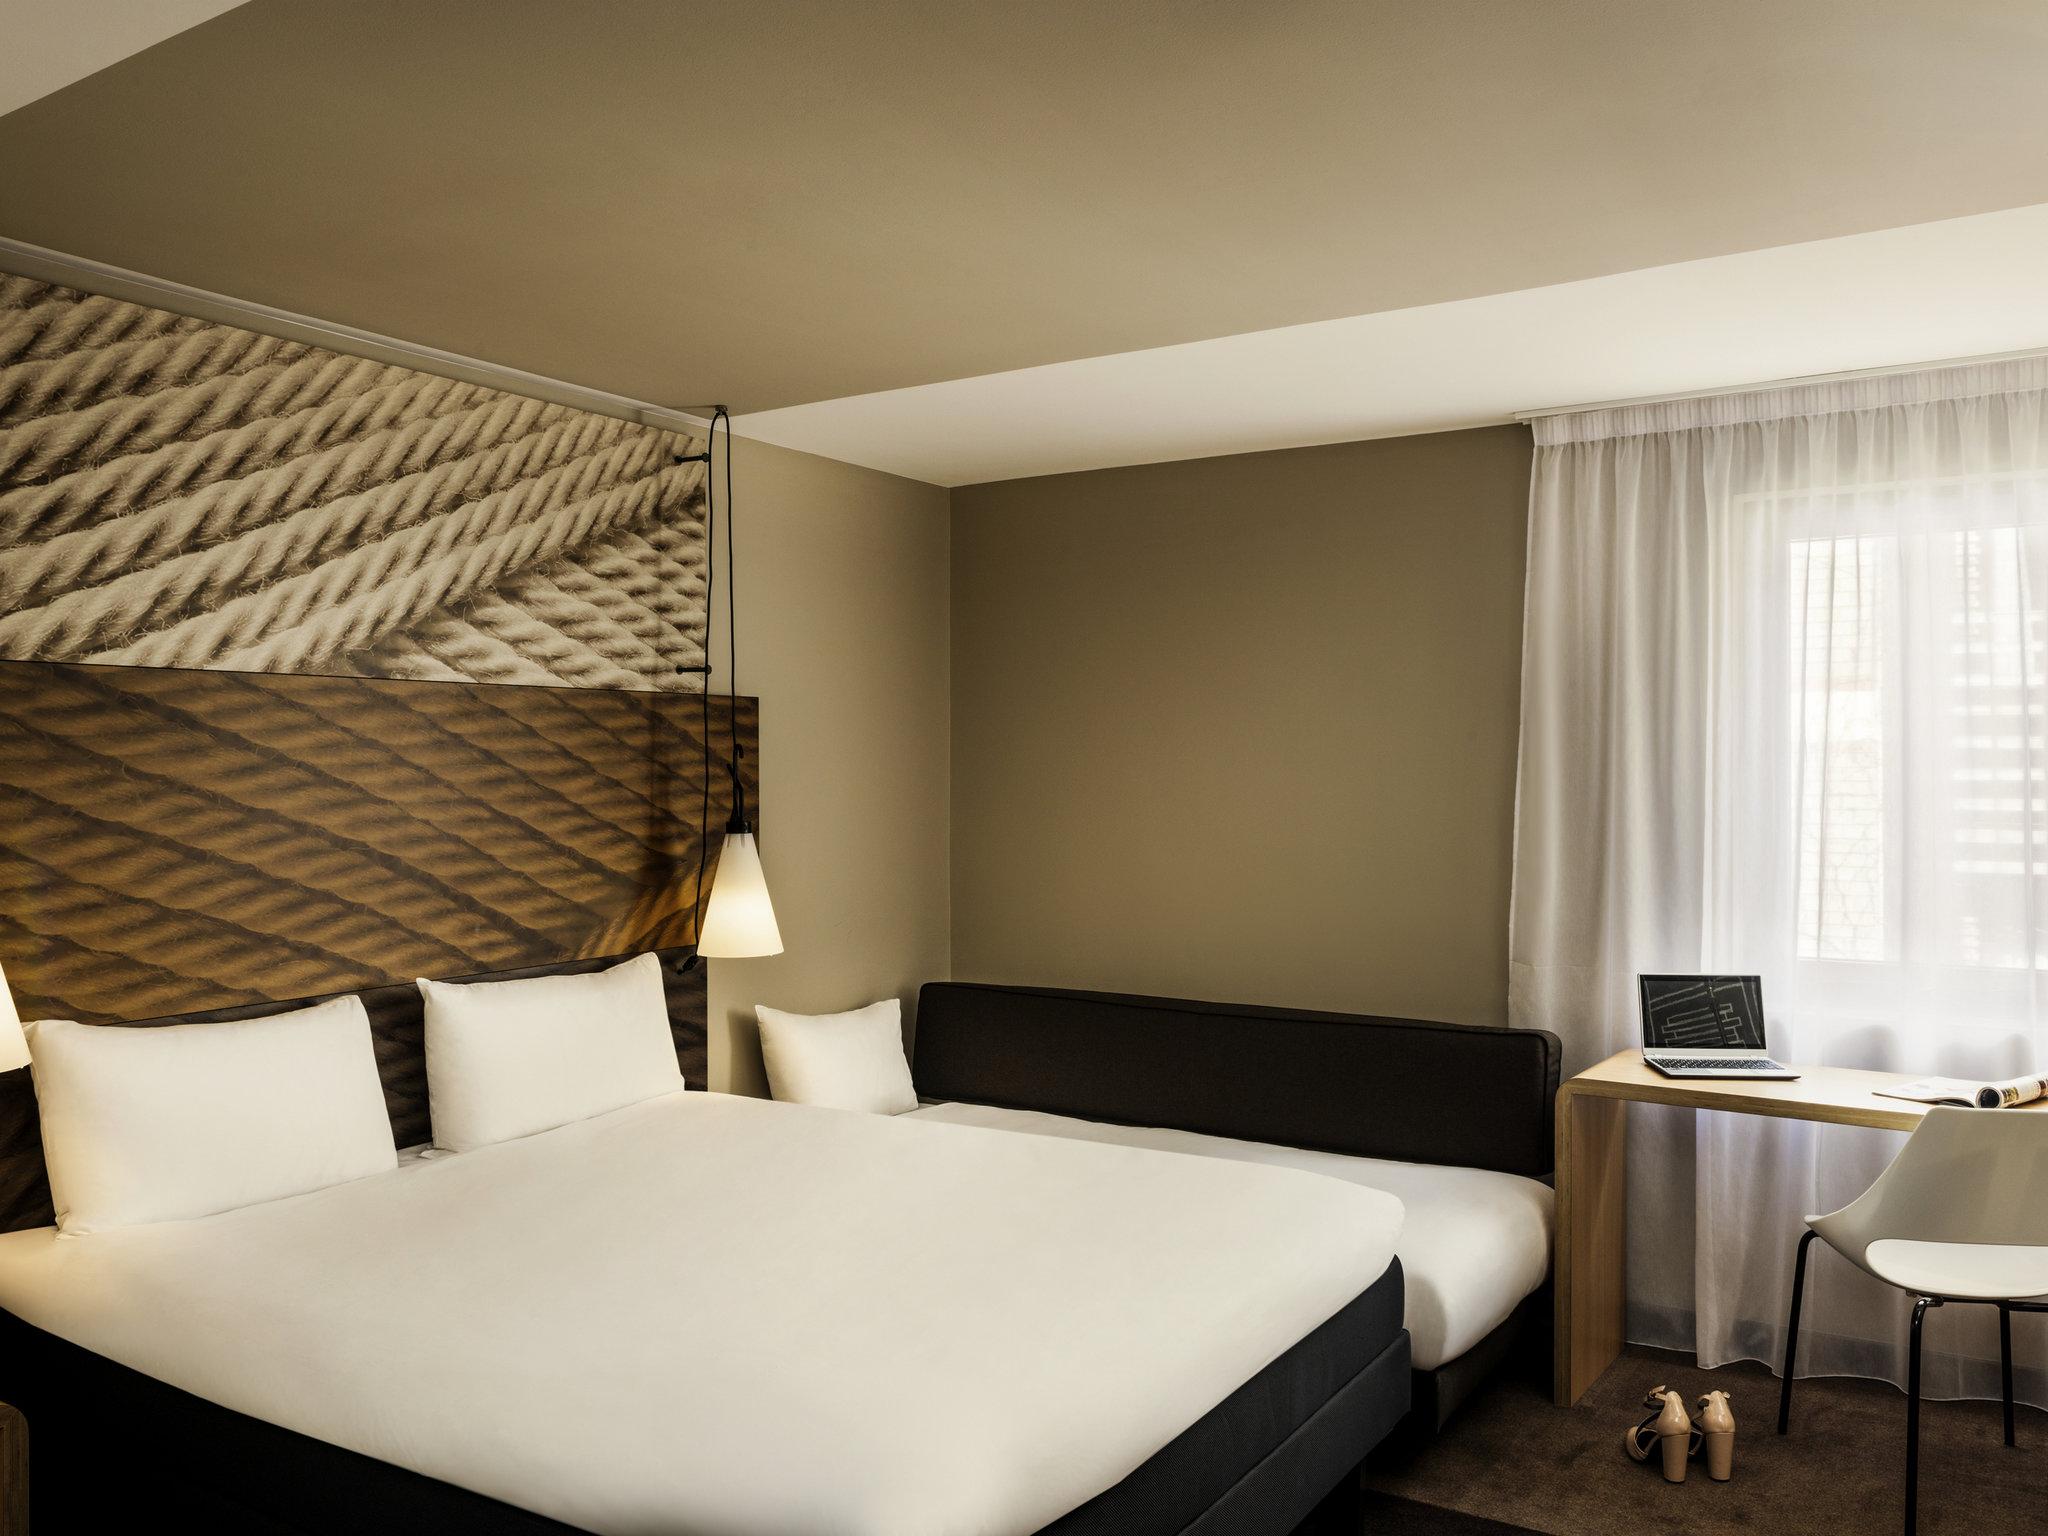 โรงแรม – ไอบิส ปารีส ปลาส ดีตาลี 13เอเม่